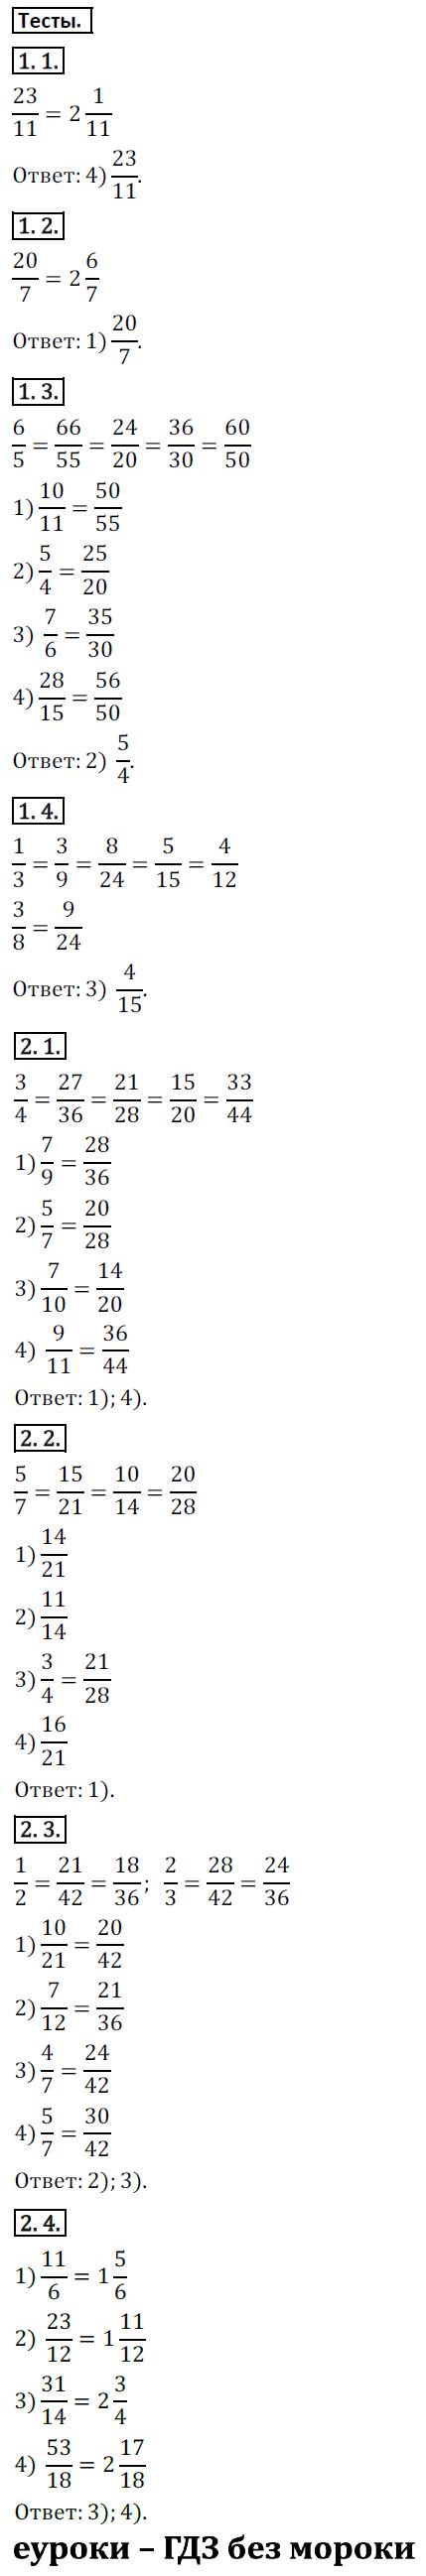 ГДЗ по математике 5 класс Козлов, Никитин Русское Слово ответы и решения онлайн Глава 11. Дроби, §5. Сравнение дробей. Задание: Тесты